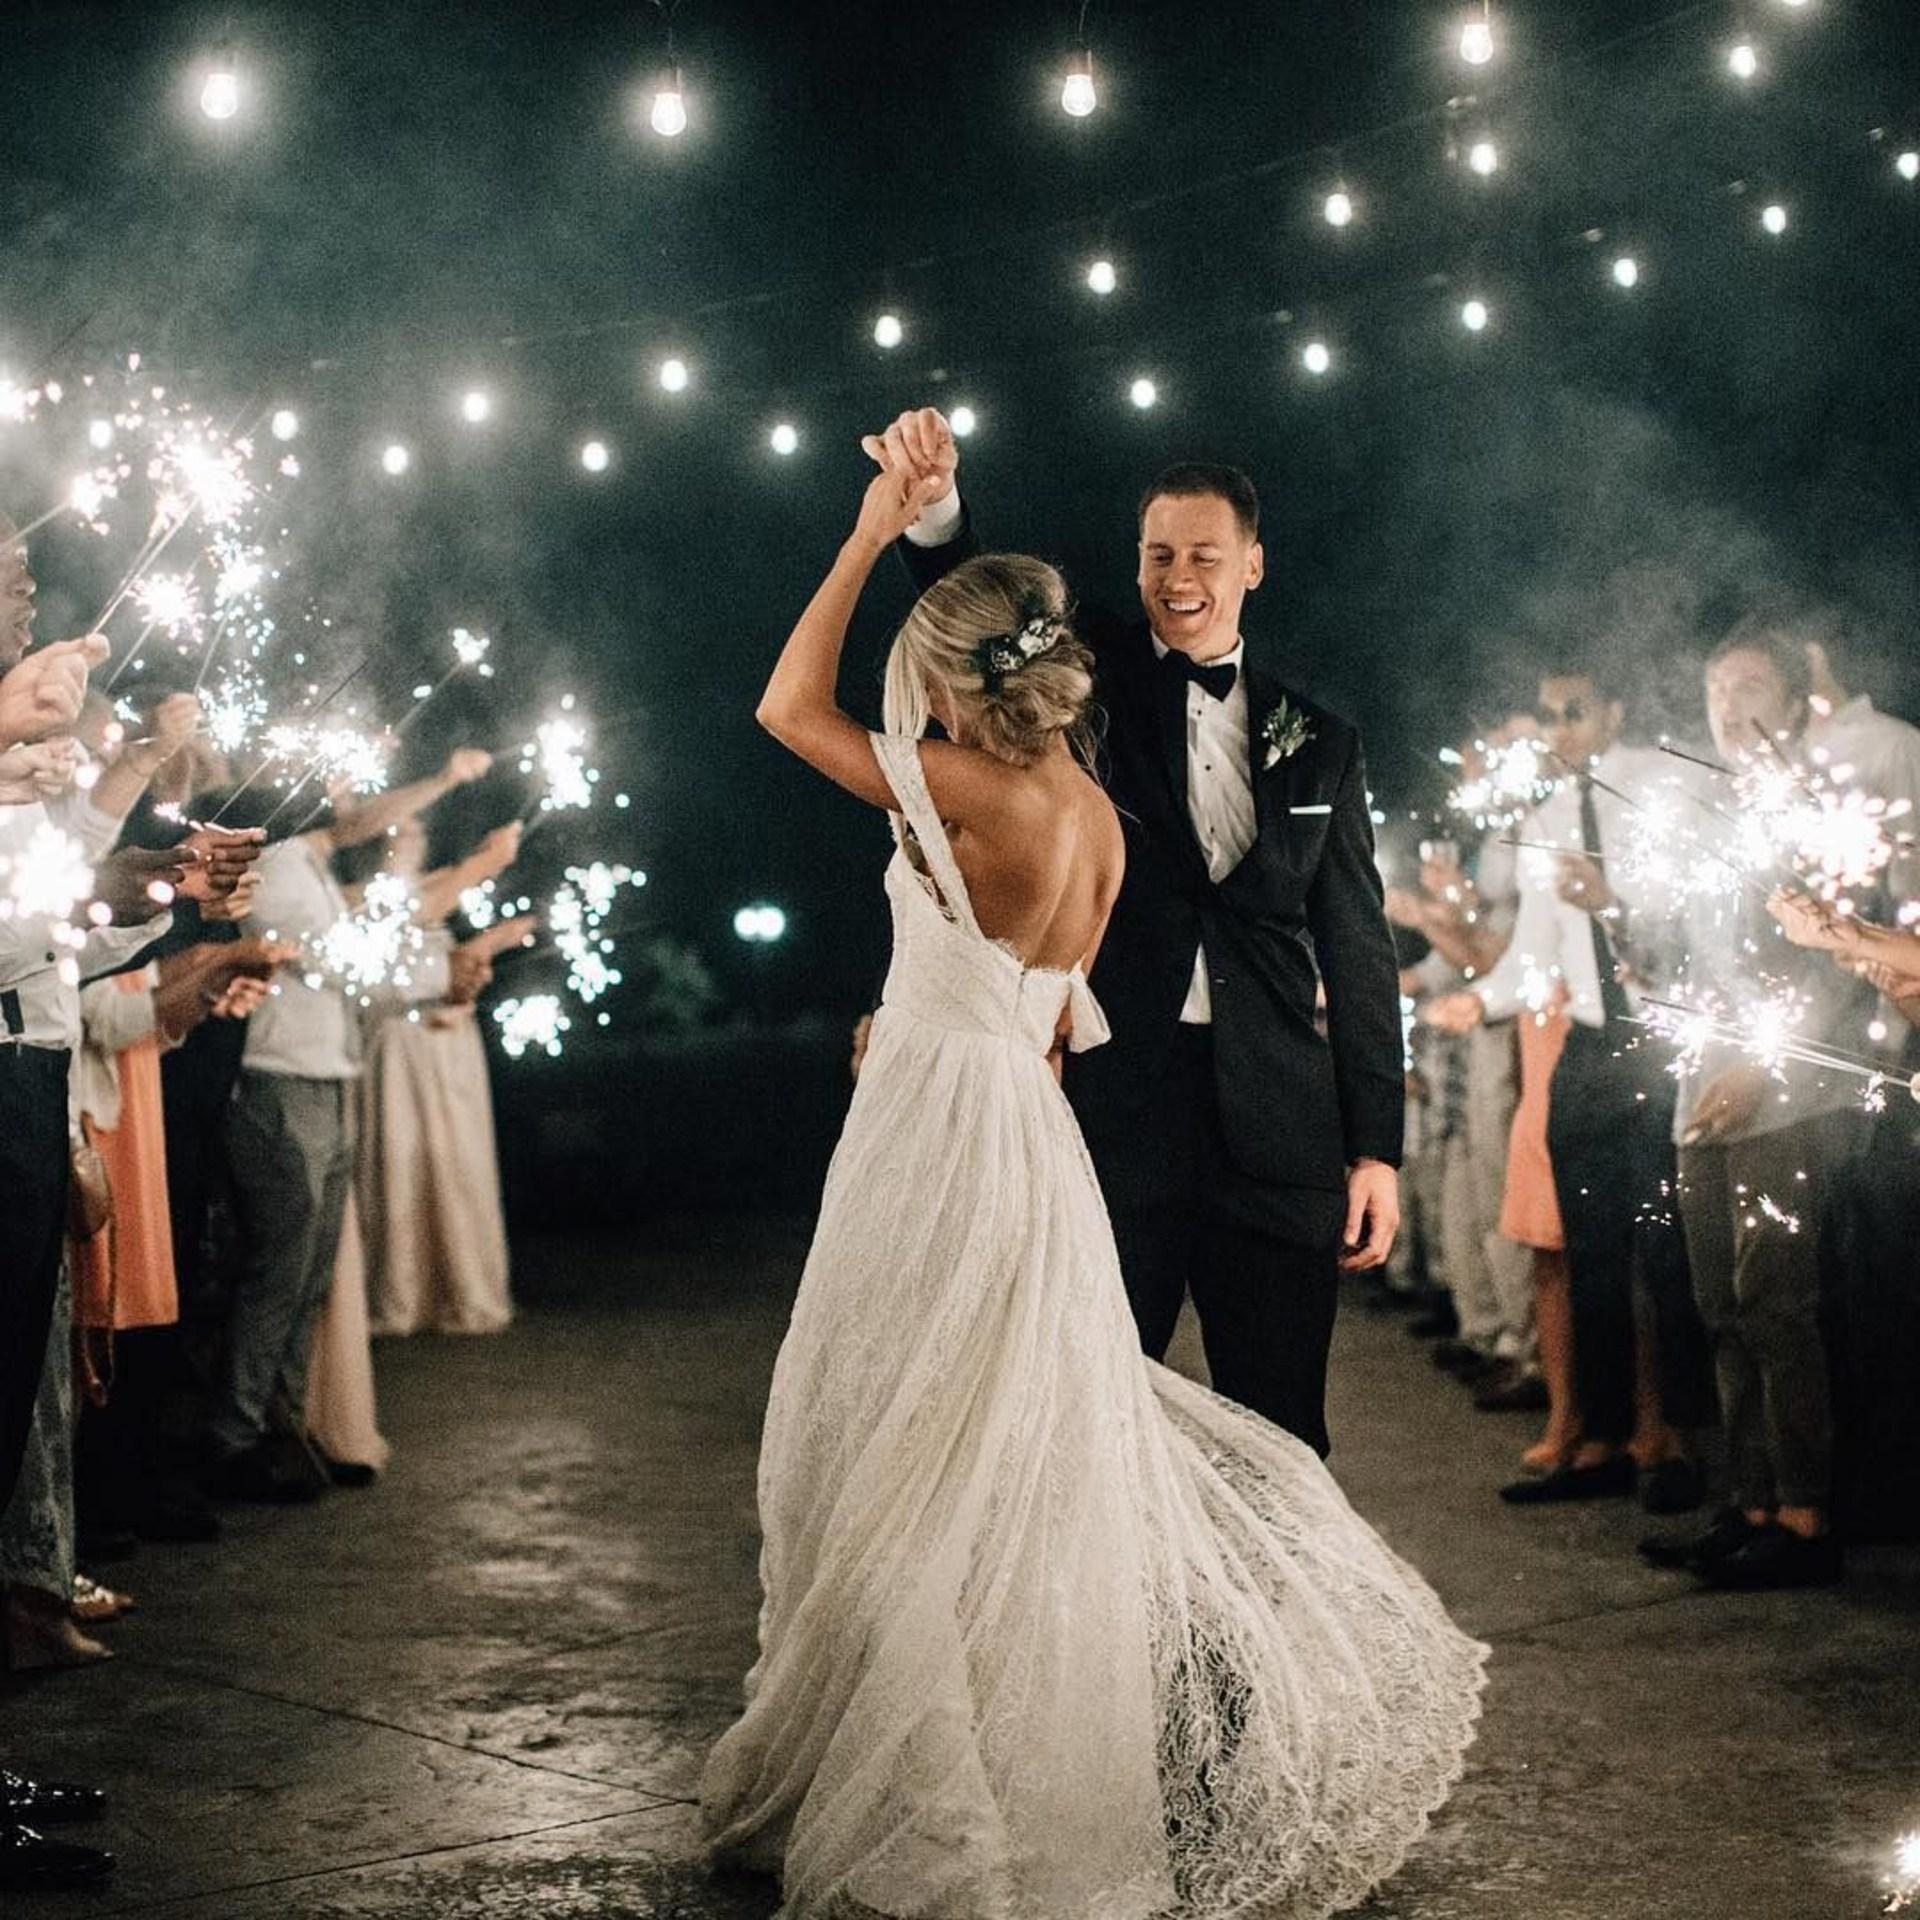 Pierwszy taniec, first dance, zwyczaje weselne, para młoda, taniec weselny, zimne ognie na wesele